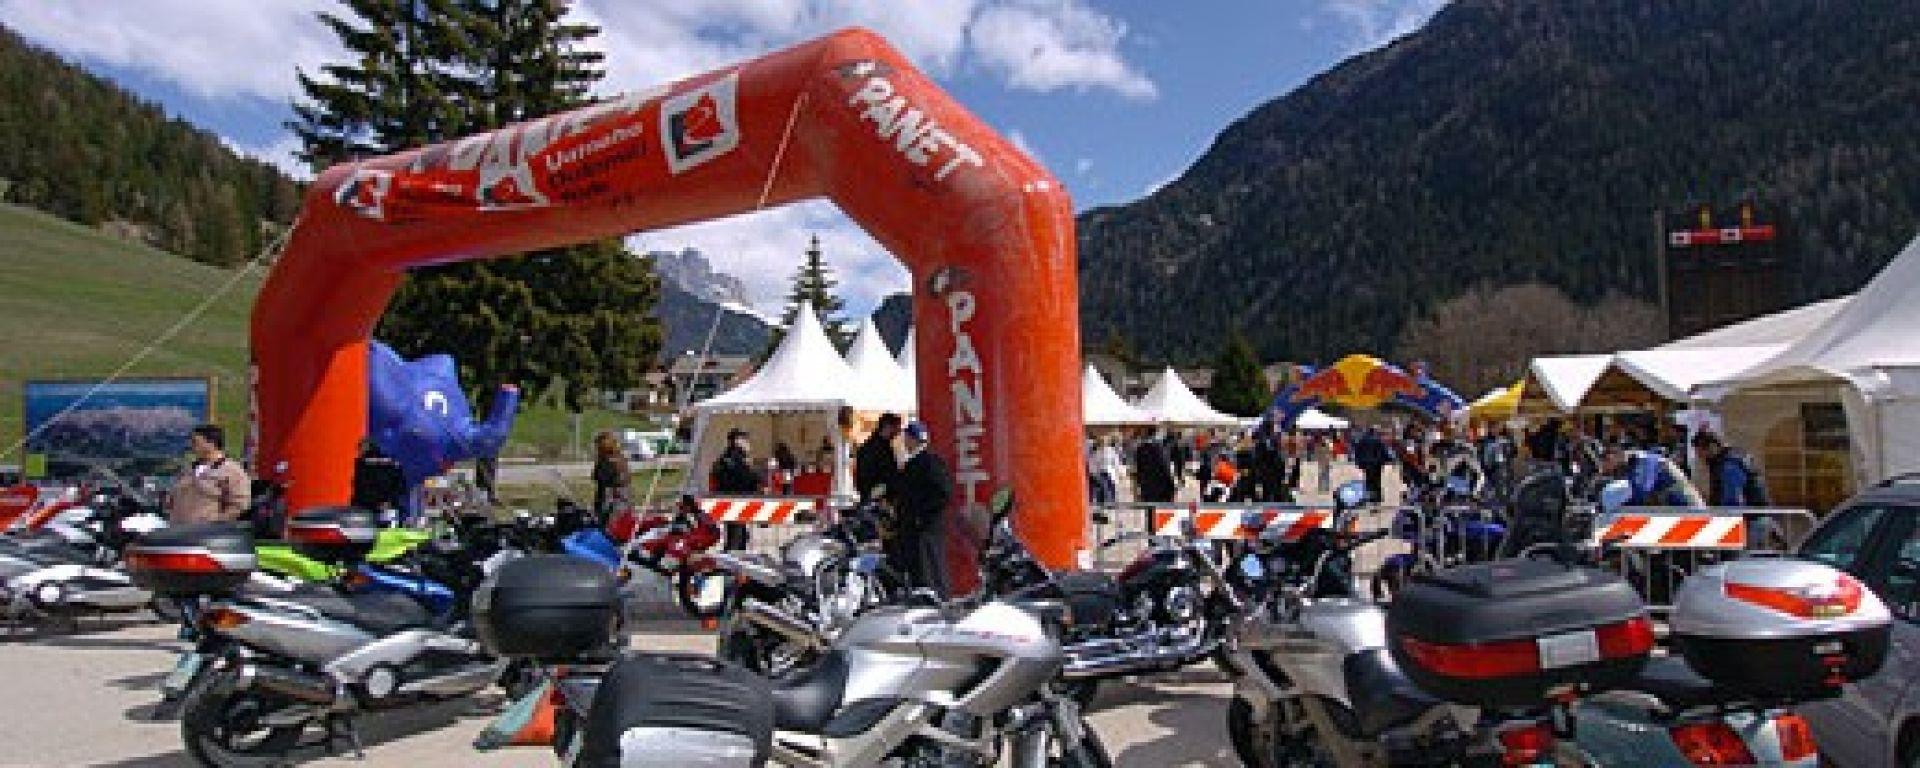 Yamaha Dolomiti Ride 2004